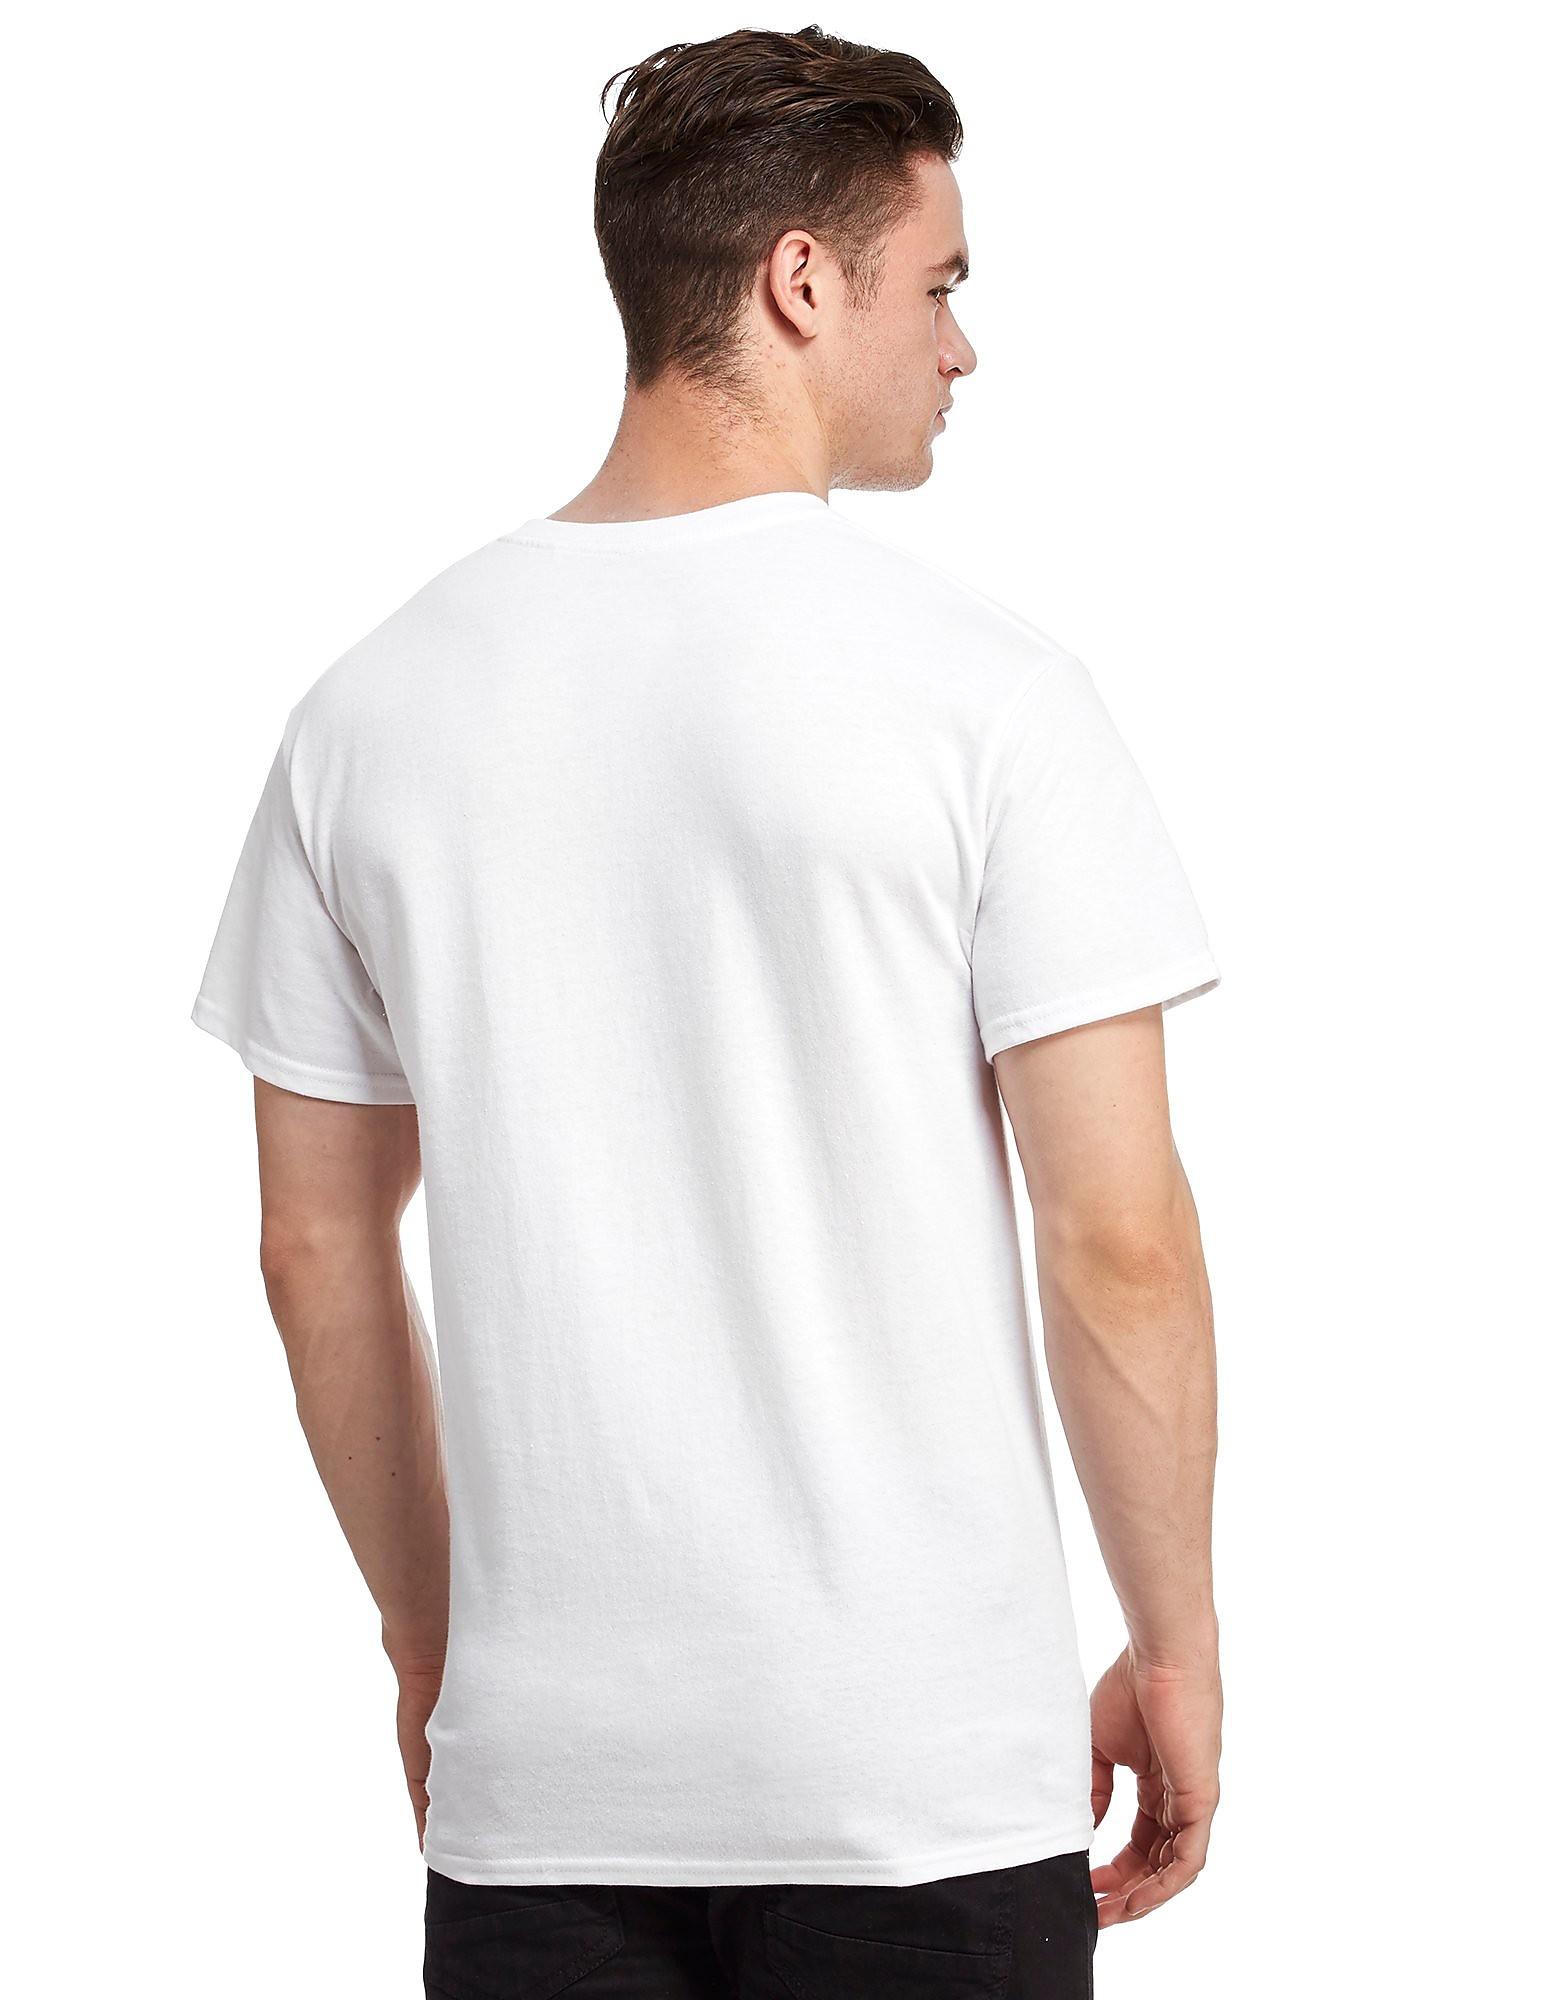 Official Team Rangers FC Crest T-Shirt